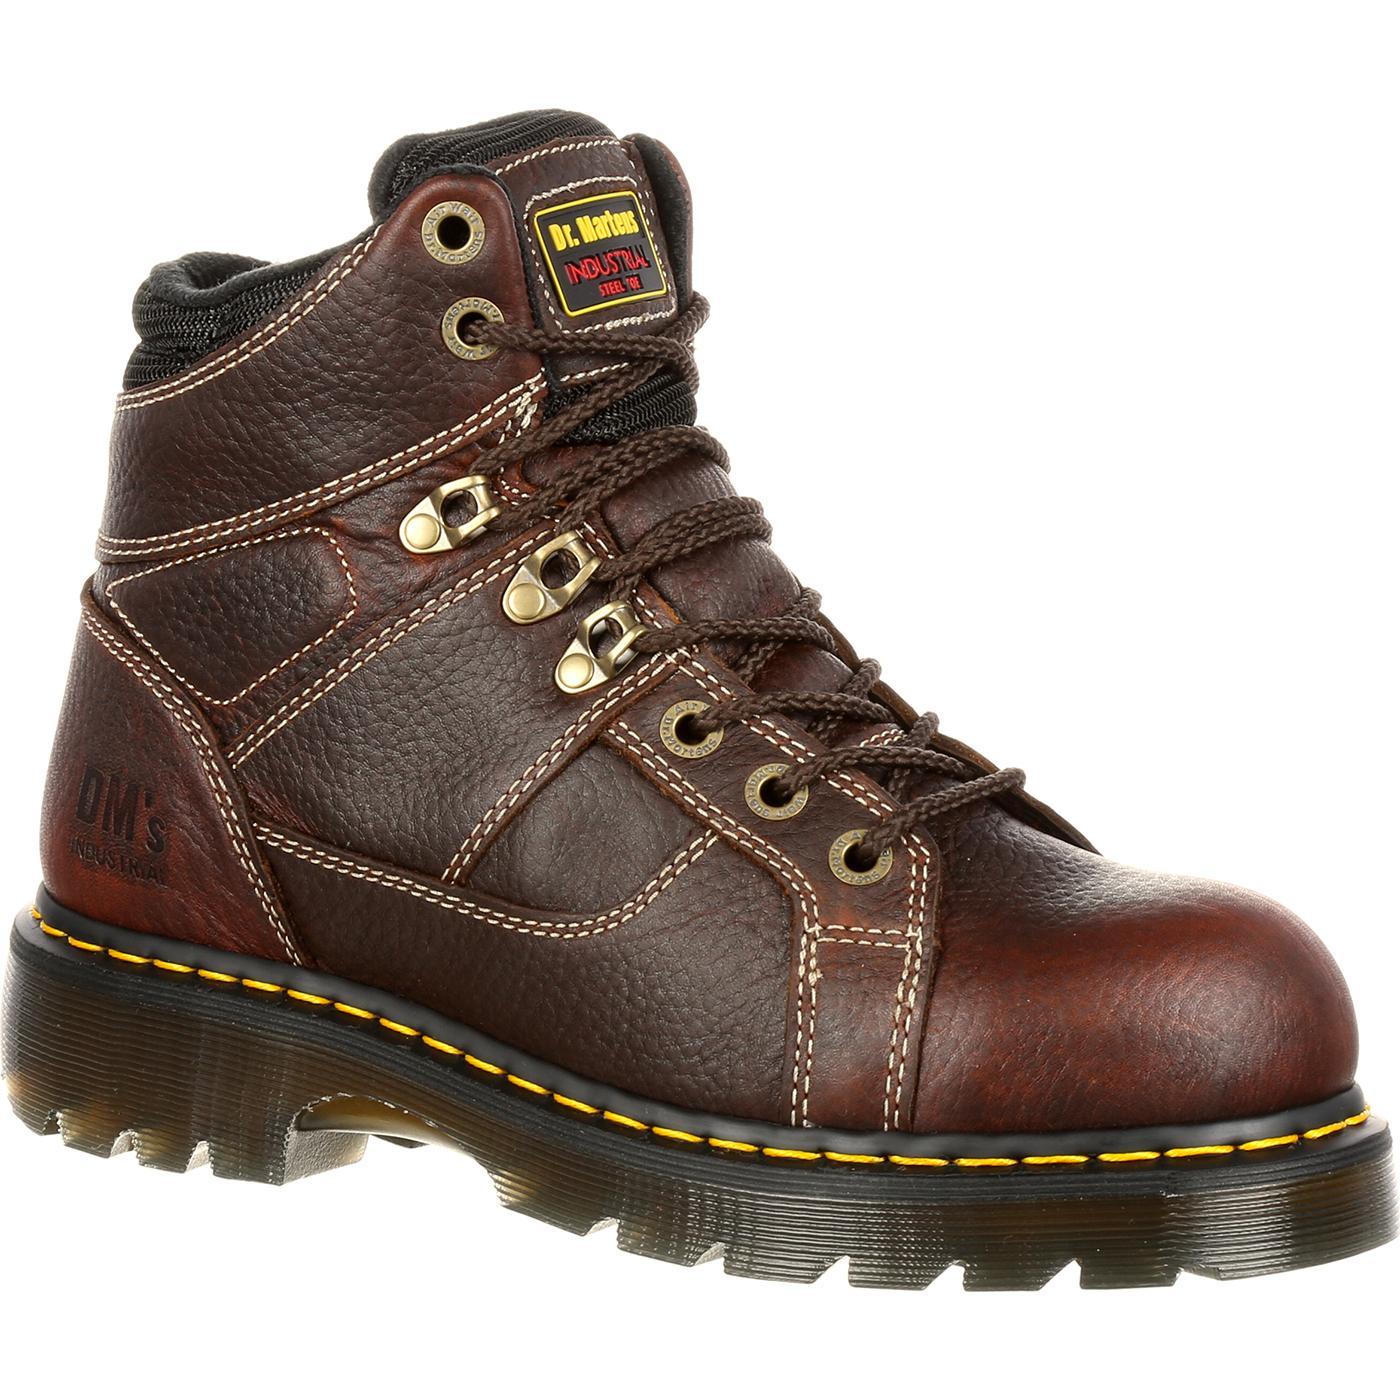 f4e1df256a7 Dr. Martens Ironbridge Unisex Steel Toe Work Boot